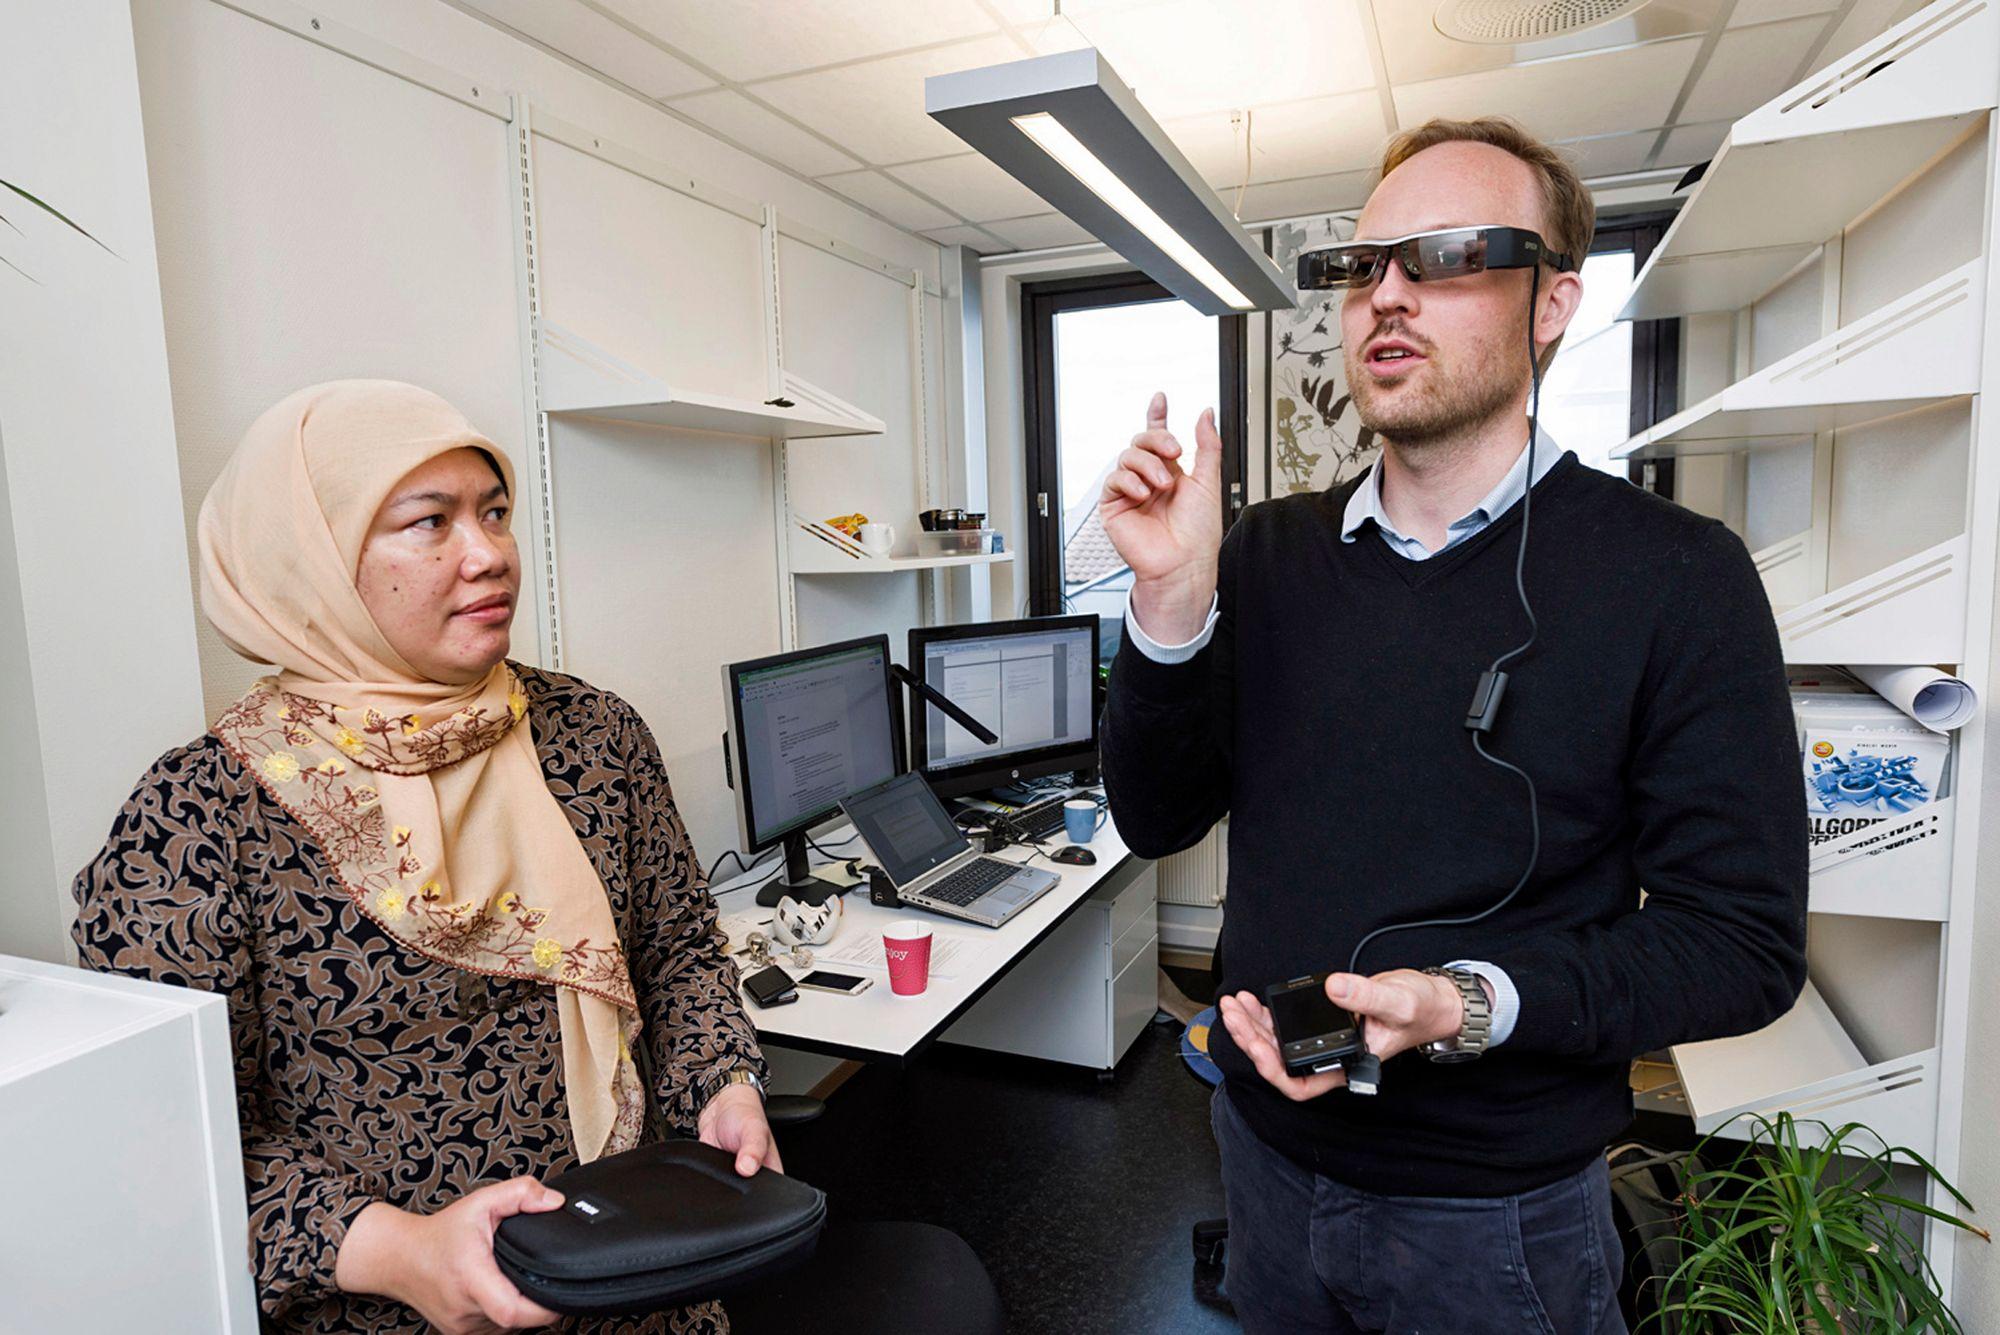 Flere forskere arbeider sammen på CIEM. Her er Ole-Christoffer Granmo sammen med overingeniør Jaziar Radianti.